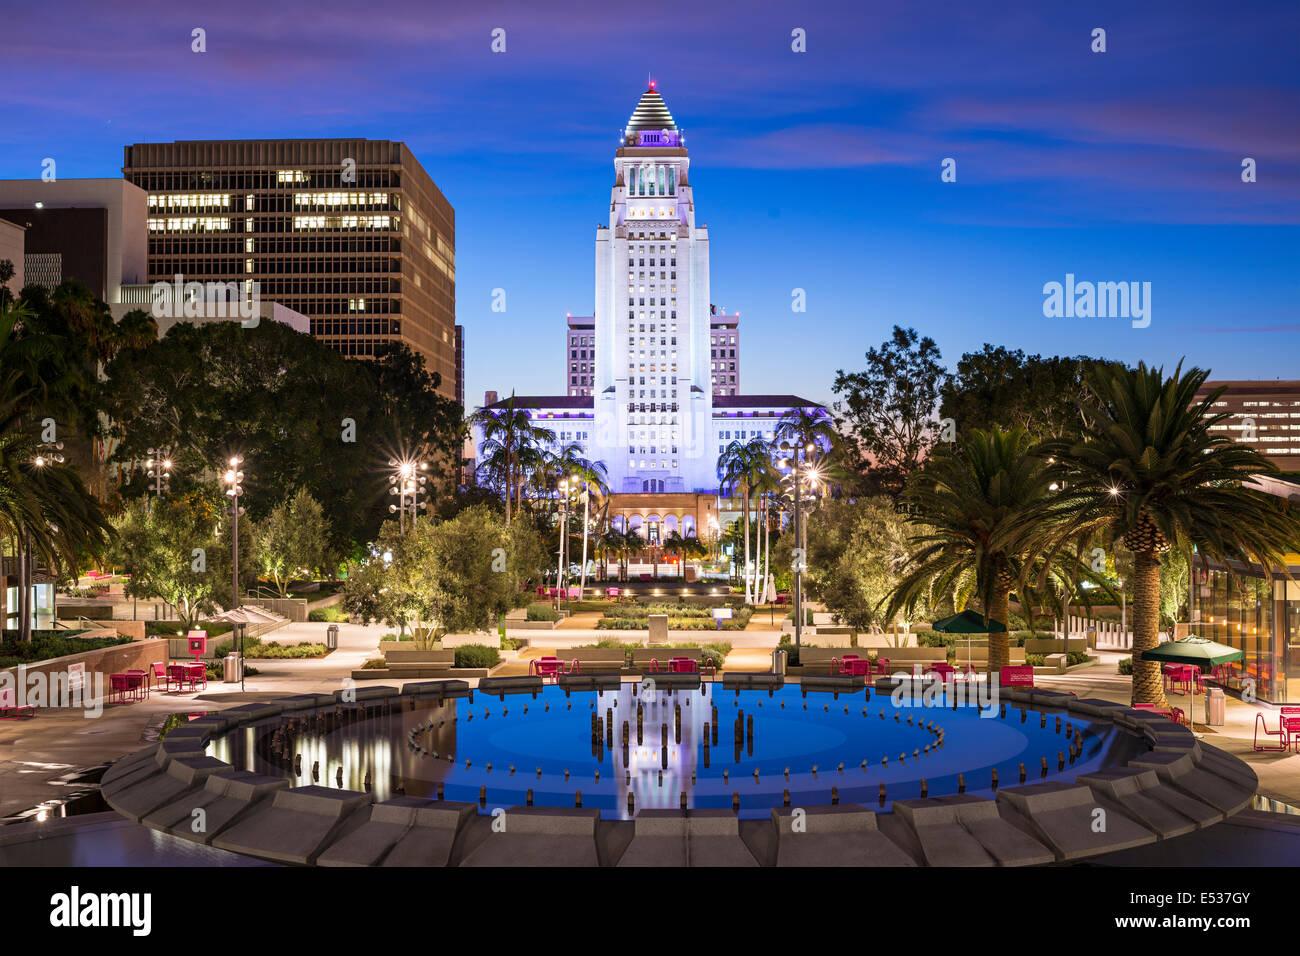 Los Angeles, Californie, USA Centre-ville à l'hôtel de ville. Photo Stock